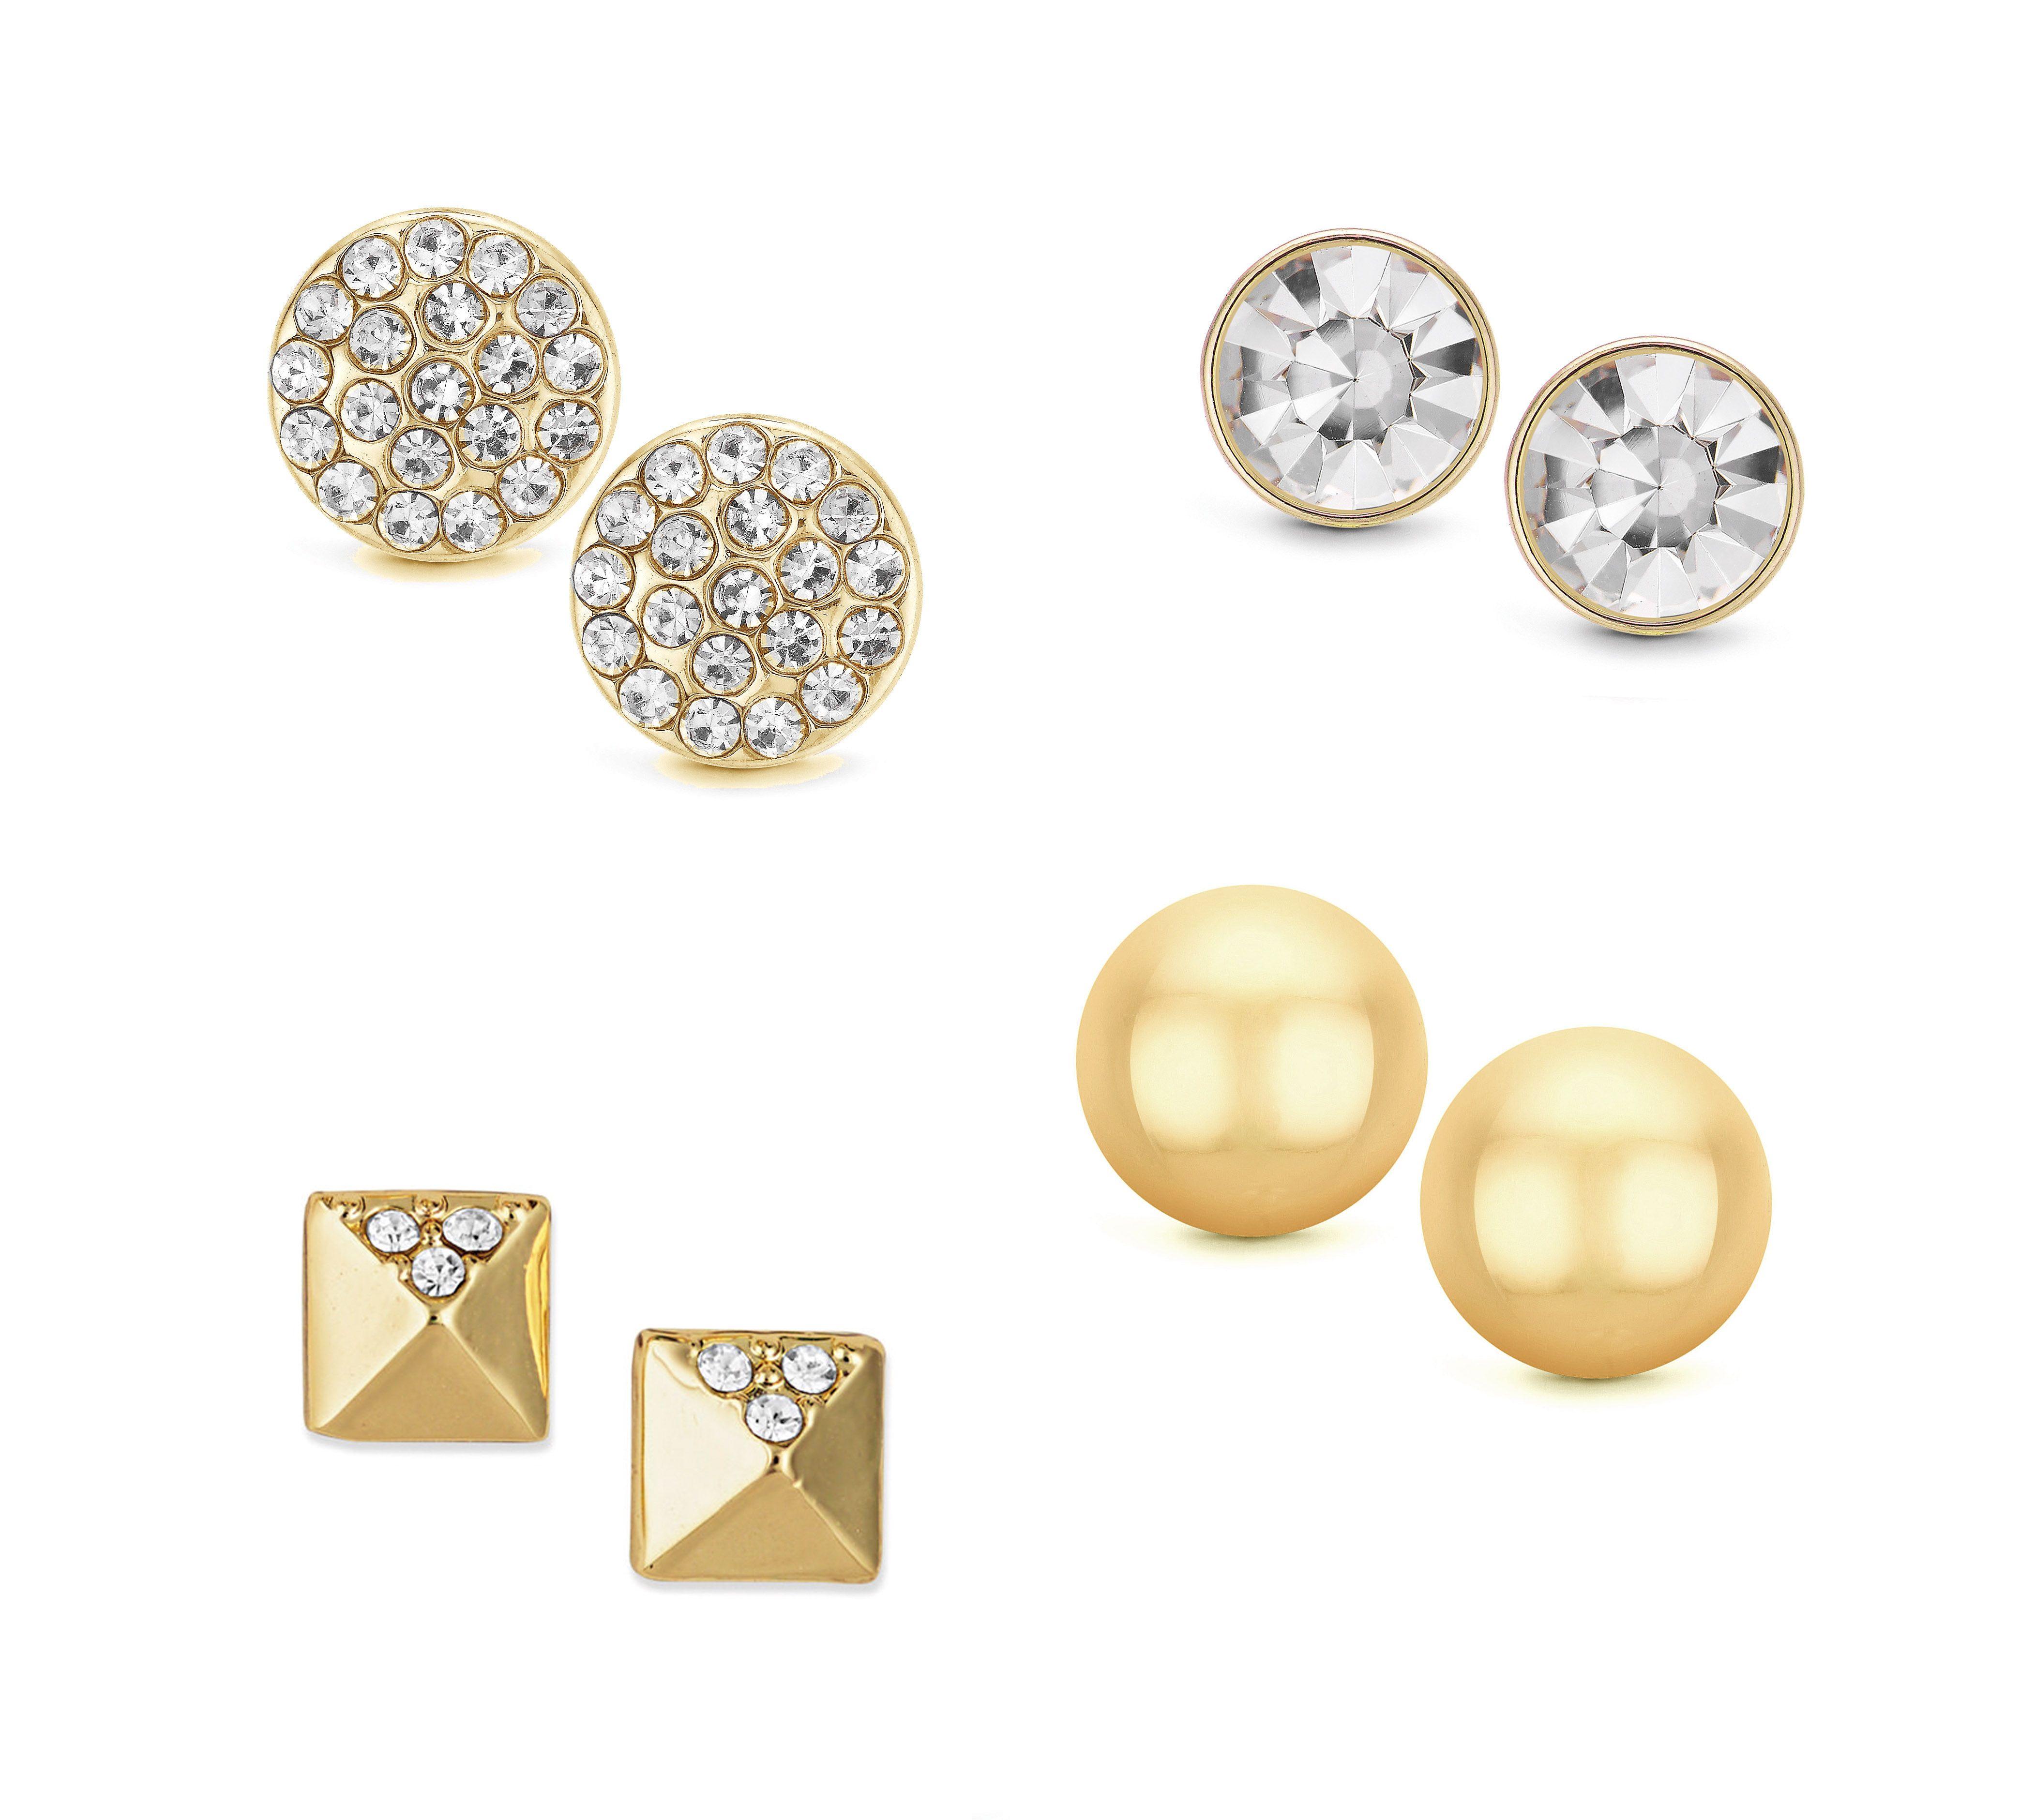 Buckley London Four Piece Gold Stud Earrings Set